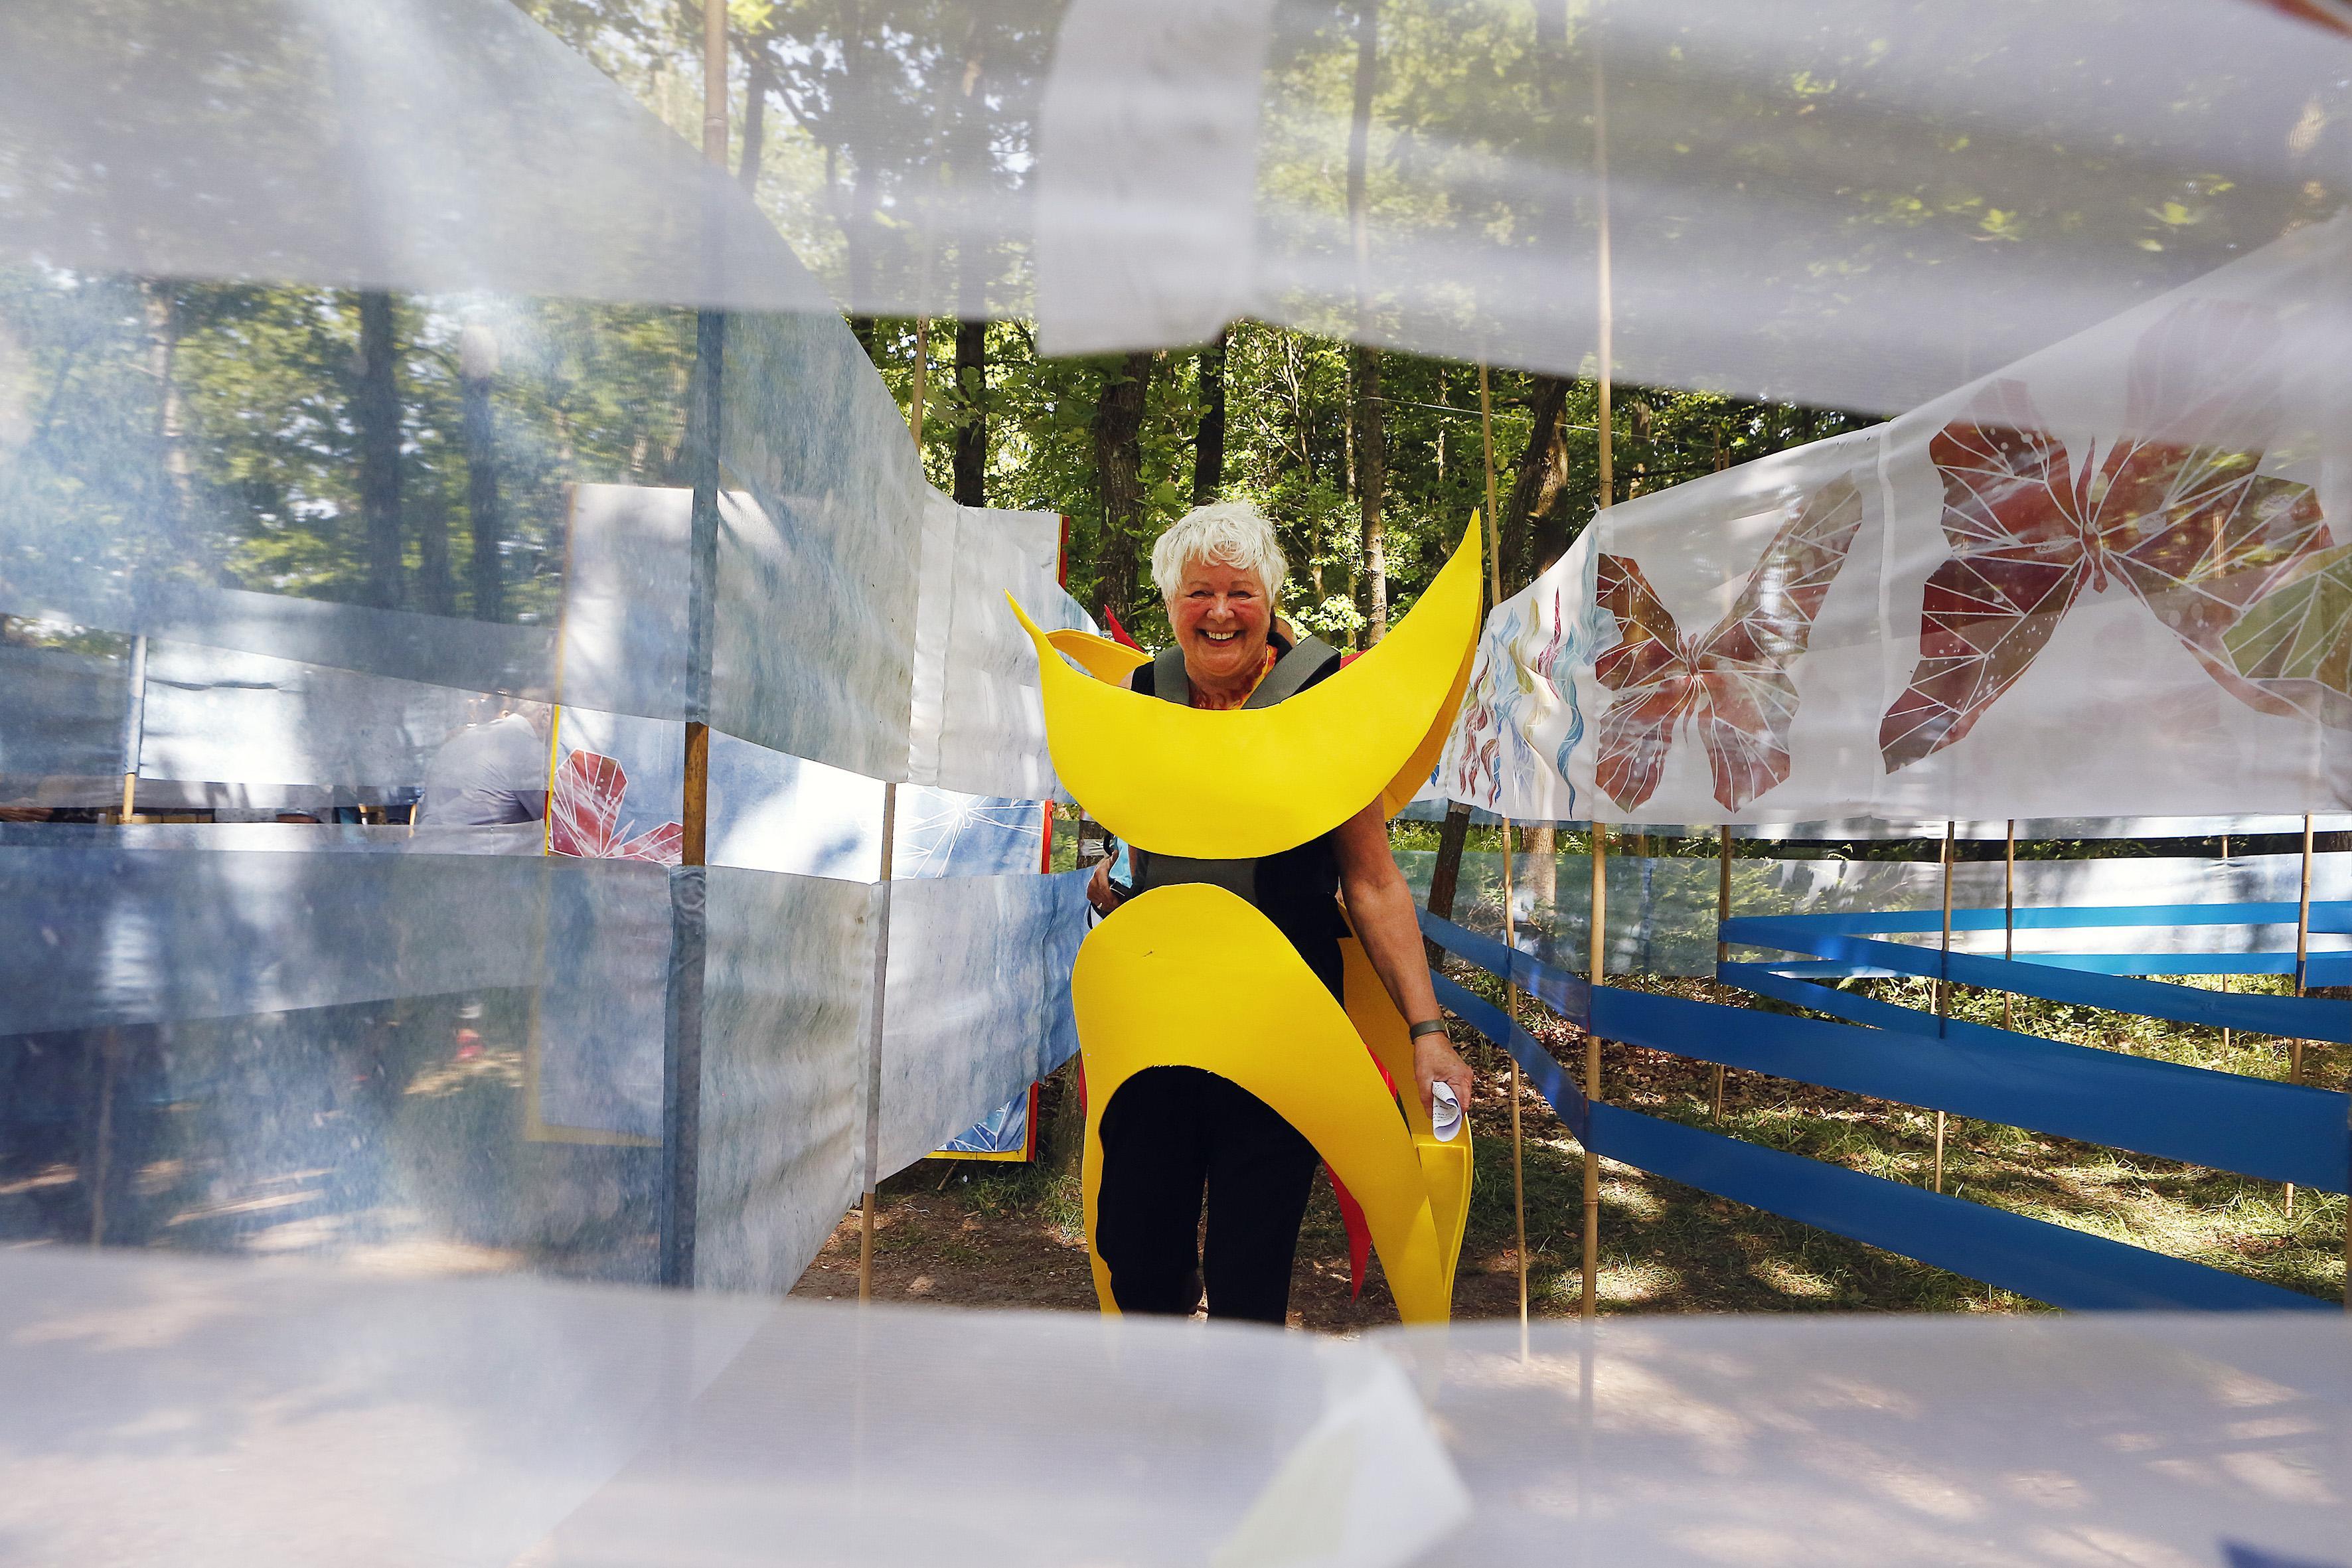 Liefde zoeken op festival Vuurol in Lage Vuursche